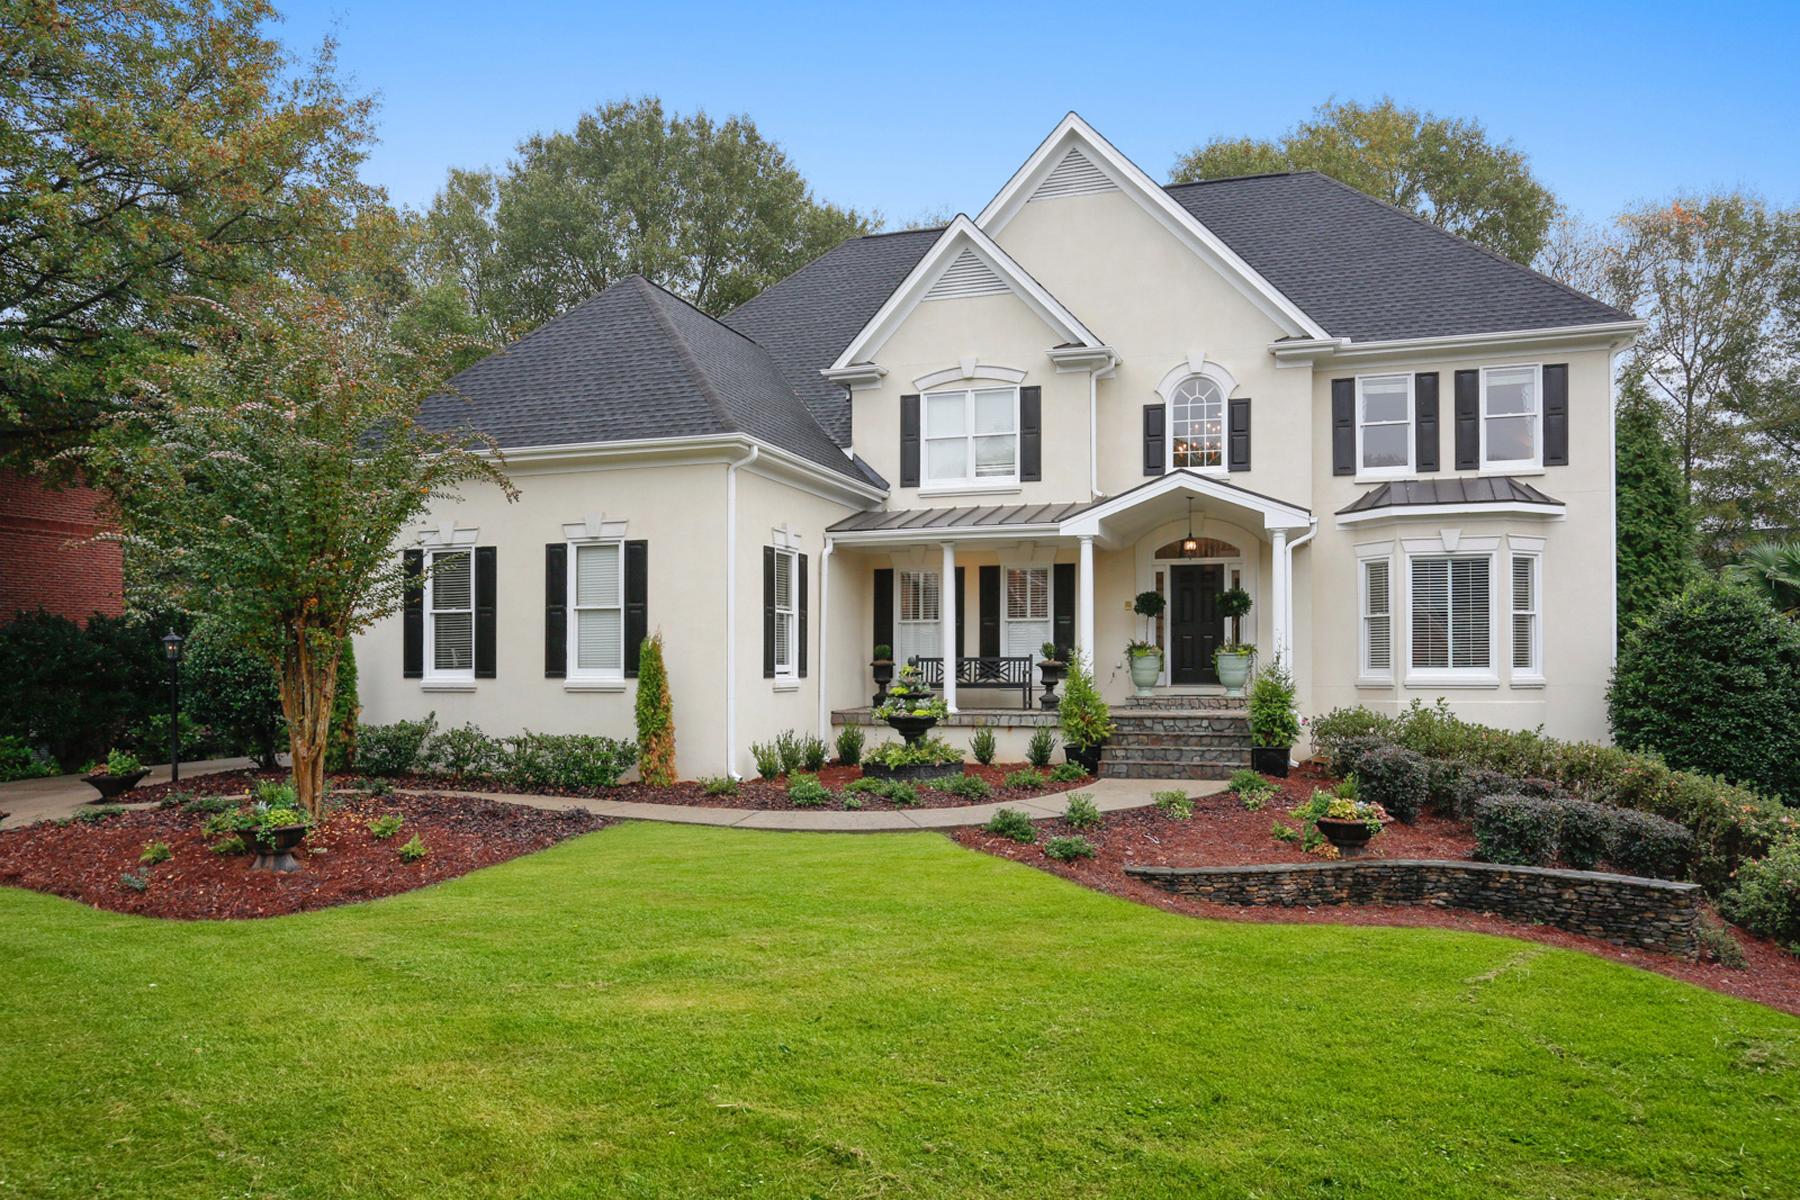 Maison unifamiliale pour l Vente à Immaculate And Feels Fabulously New 250 Seale Lane Alpharetta, Georgia 30022 États-Unis